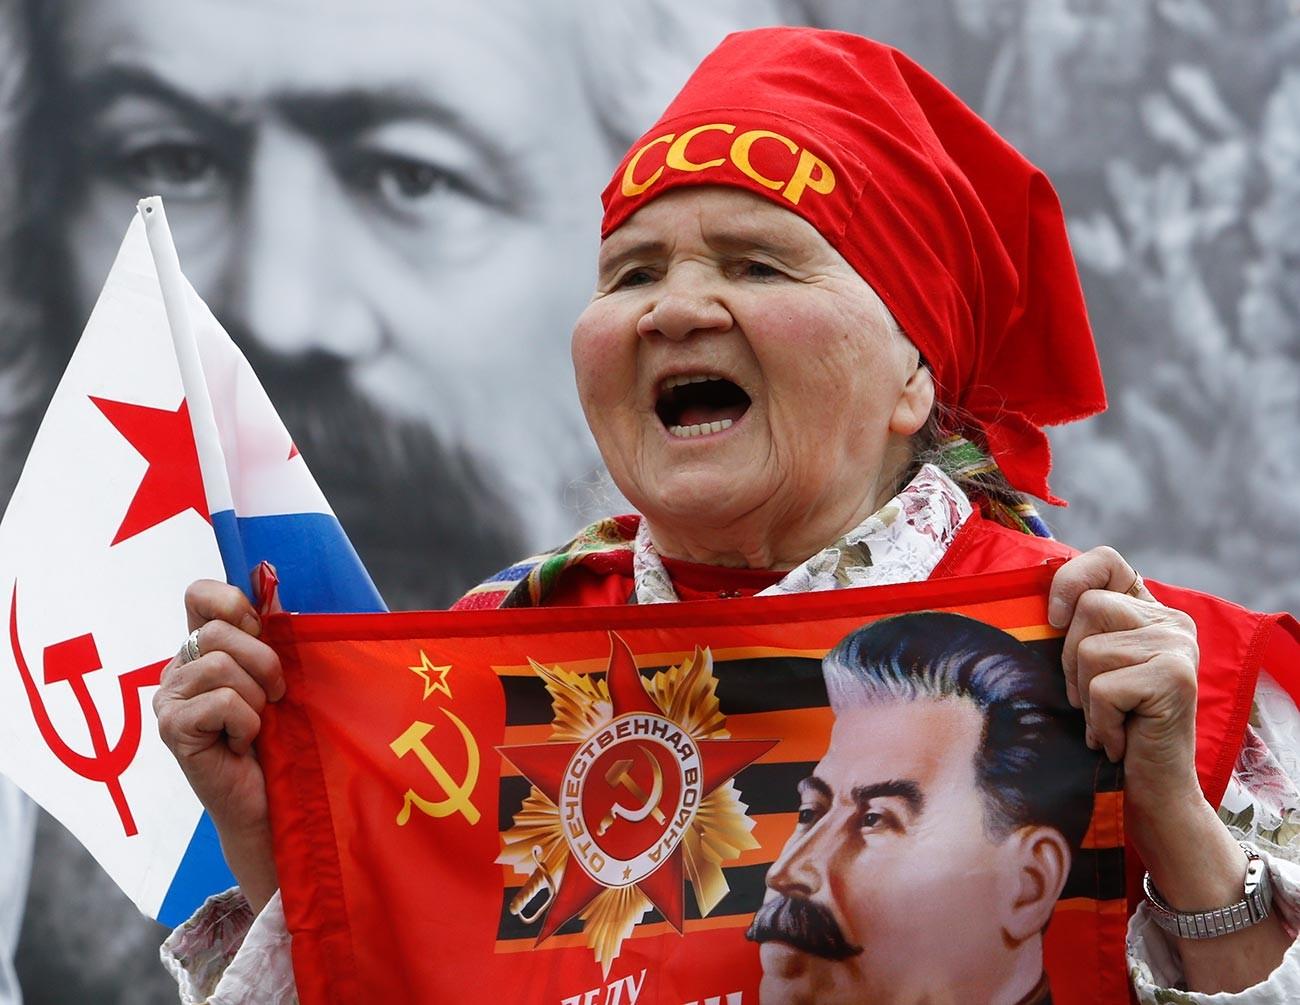 Pendukung partai komunis meneriakkan slogan-slogan selama Hari Buruh di Moskow.